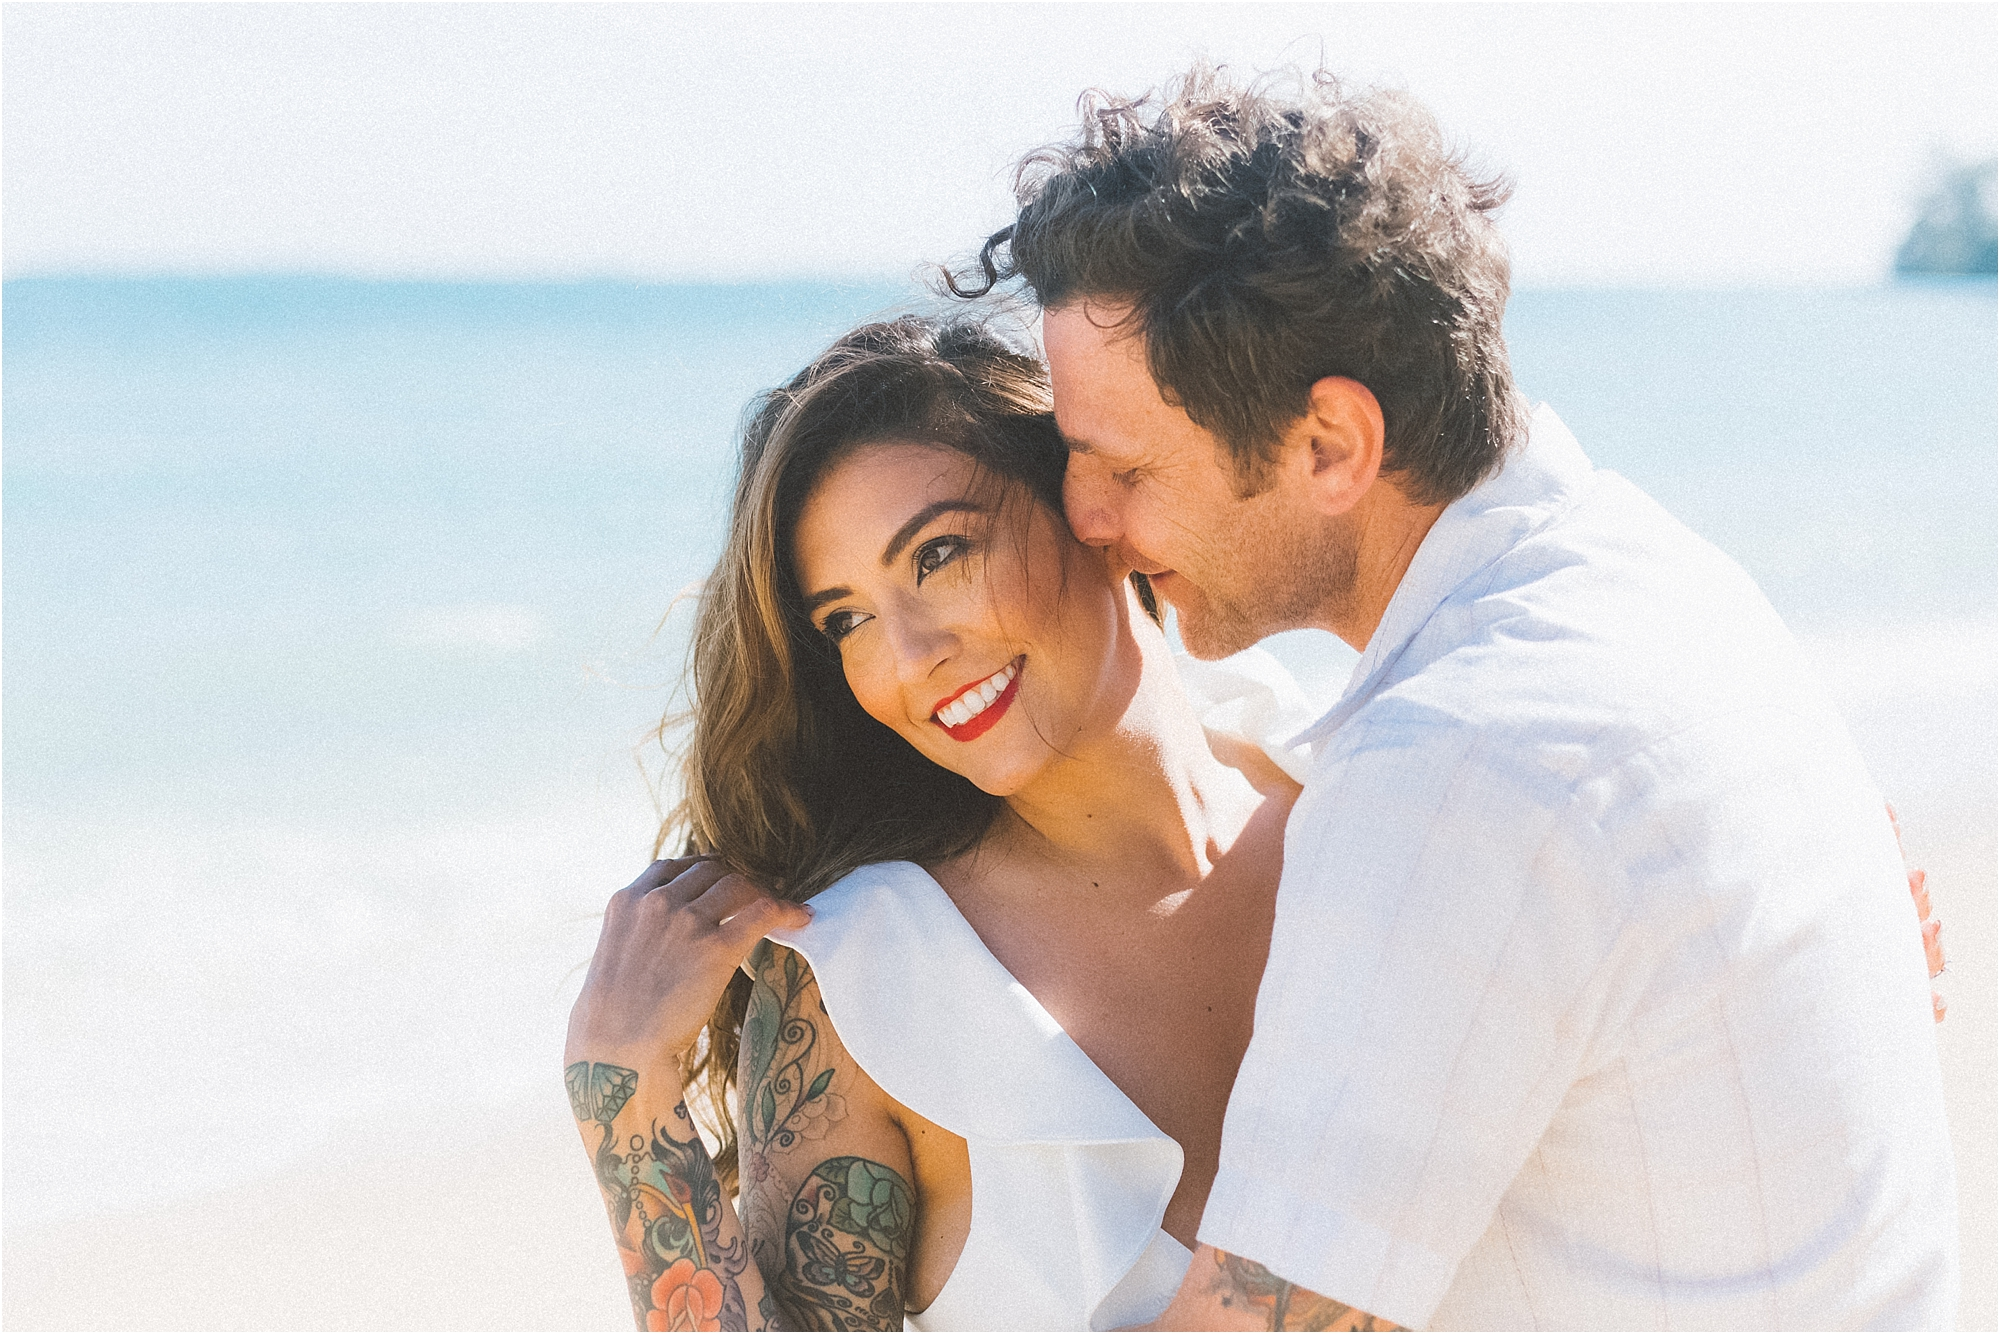 angie-diaz-photography-maui-honeymoon-photographer_0014.jpg